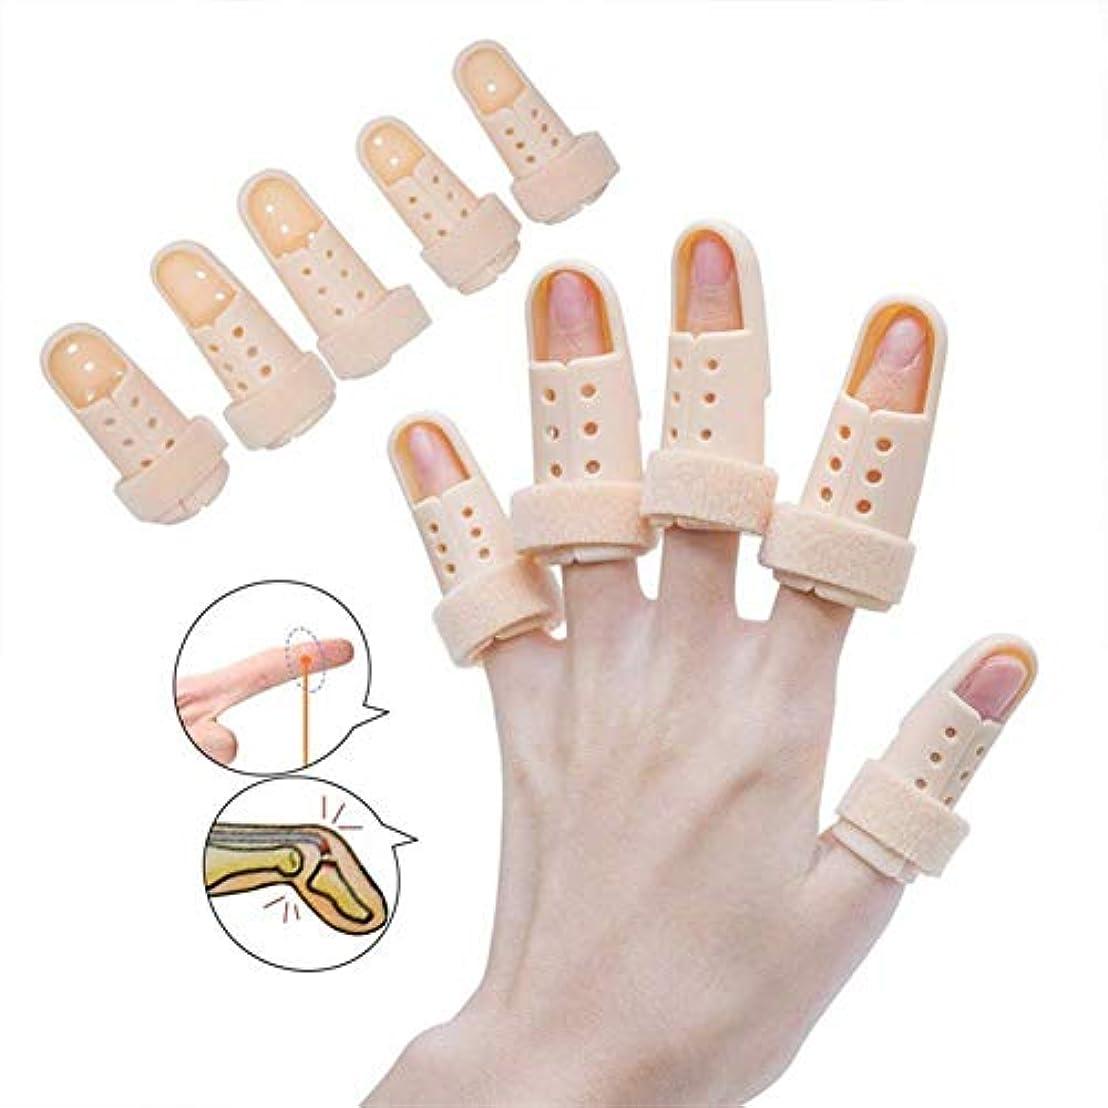 スライムアッティカスポット指の怪我のサポート、スプリントは指の捻rain関節炎の中立保護骨折サポートのスプリントをトリガーします